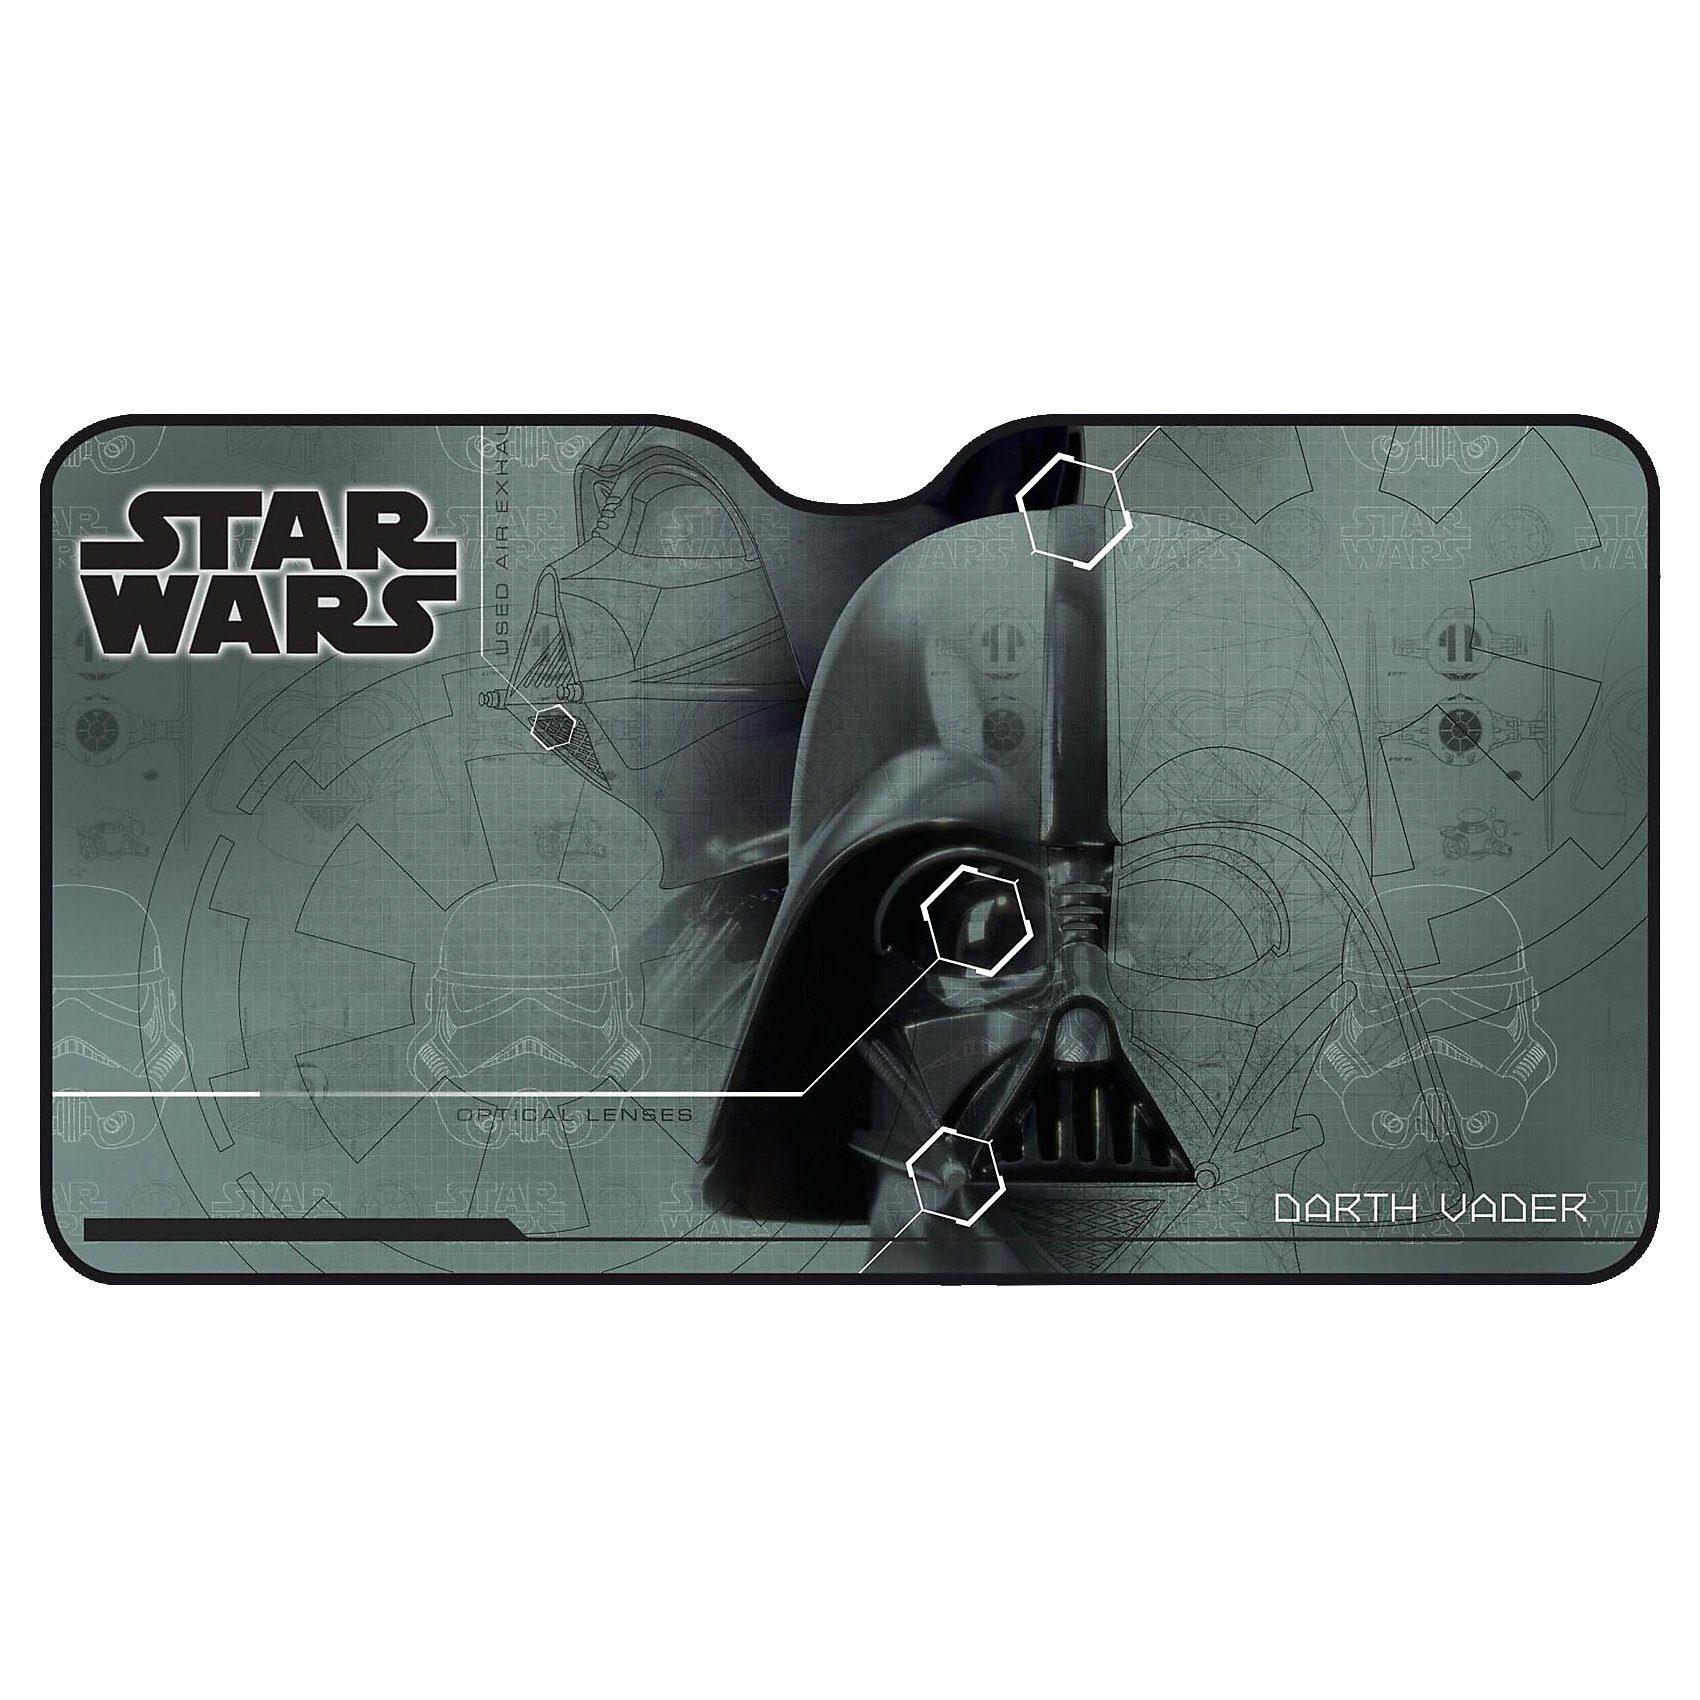 ProType Sonnenschutz für die Frontscheiben, Star Wars, 130 x 70 cm